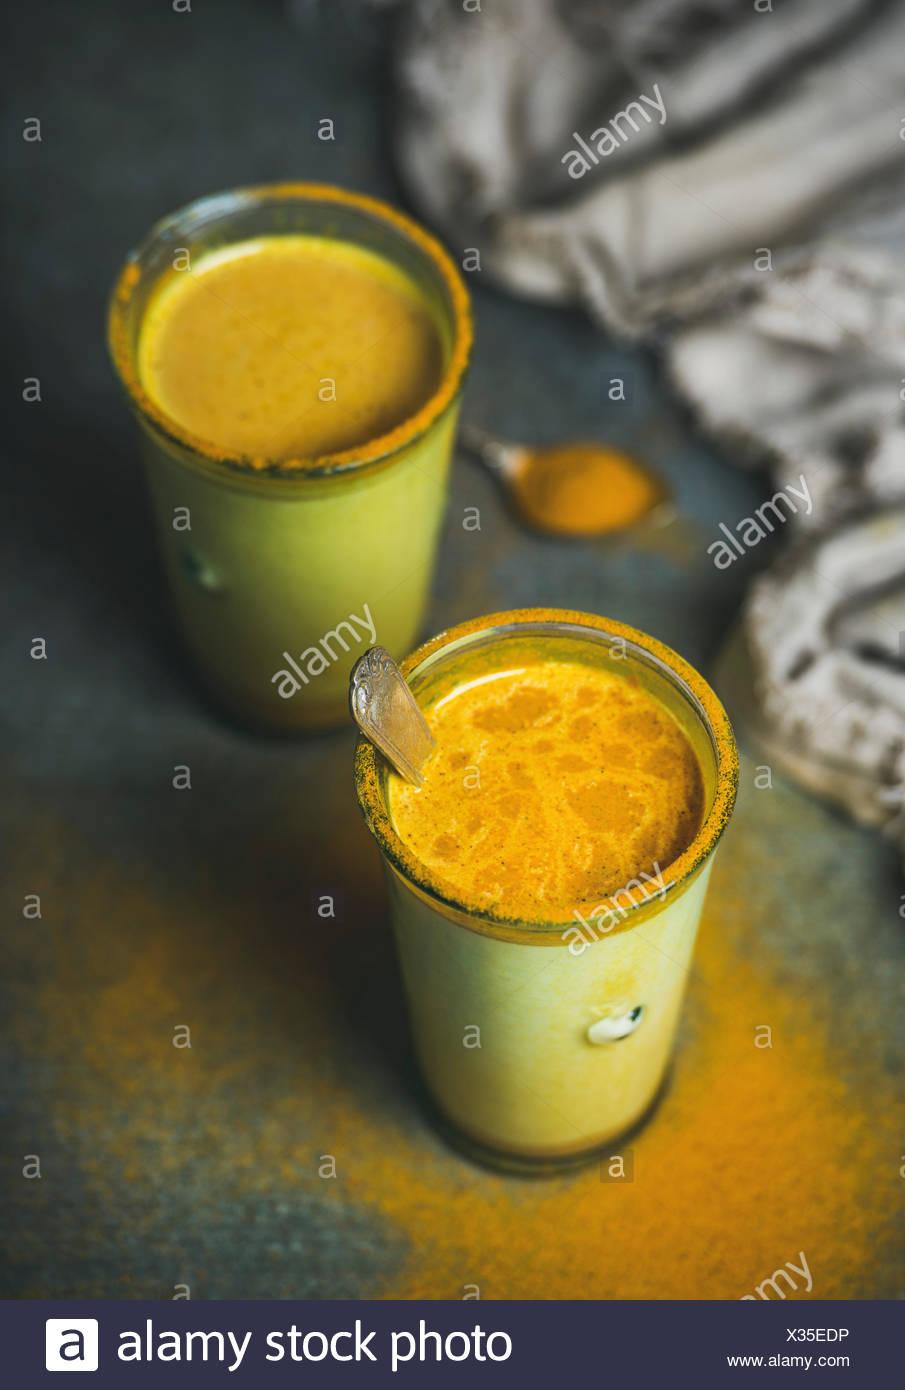 Poudre de curcuma avec du lait d'or dans les verres sur fond sombre. La santé et de l'énergie augmentant, la grippe approuvé, la lutte contre le froid naturel boisson. Manger propre, d Photo Stock